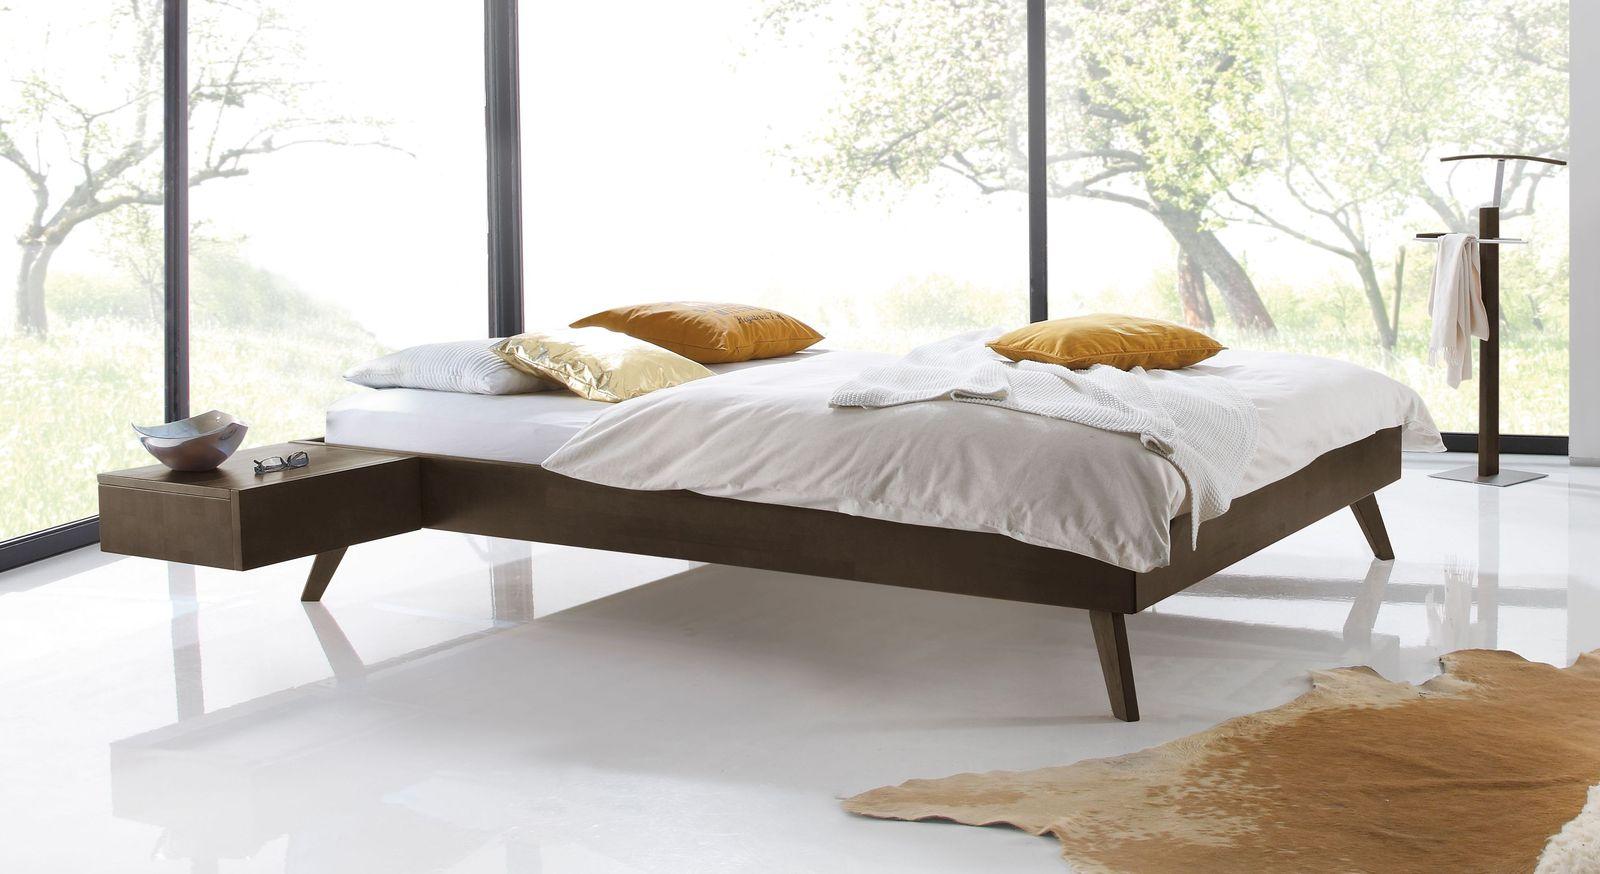 farbton wenge latest welche farben passen gut zu wenge mbeln ideen with farbton wenge. Black Bedroom Furniture Sets. Home Design Ideas